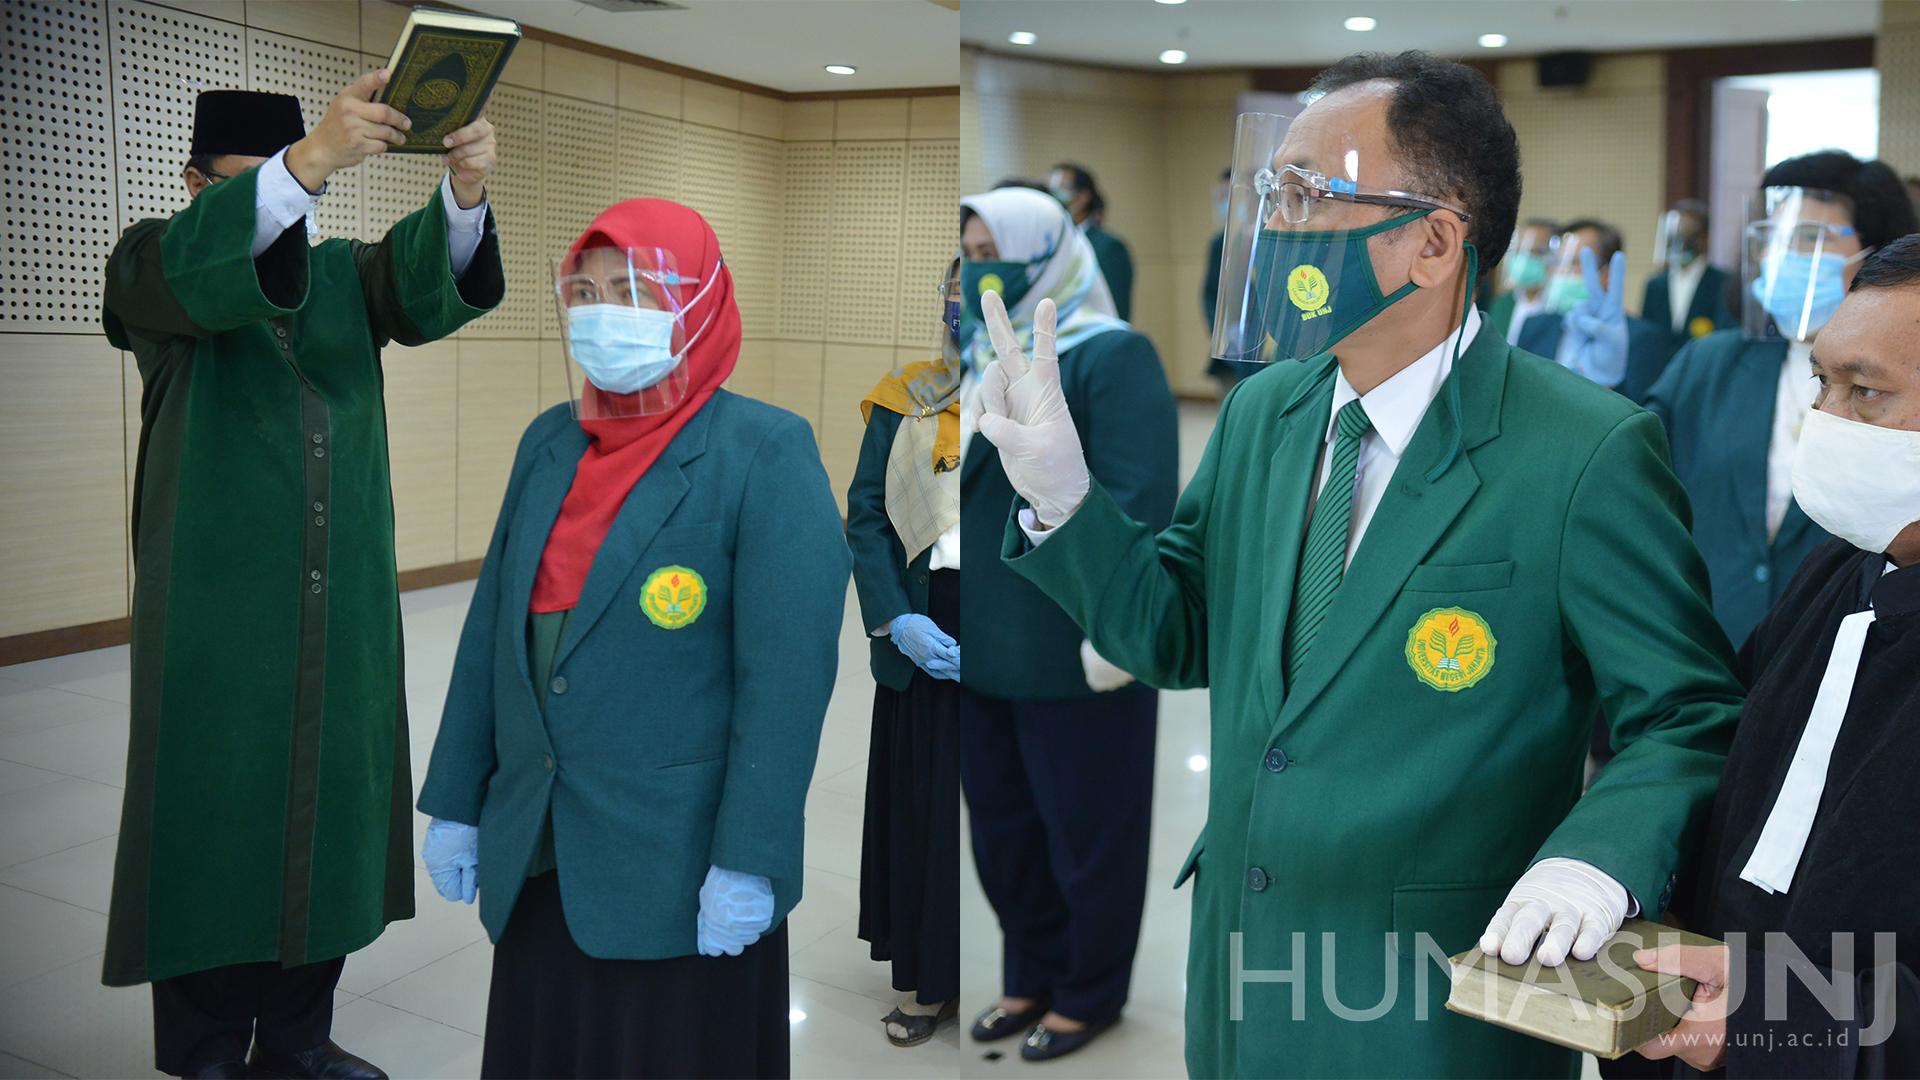 Pelantikan Pejabat dan Jabatan Fungsional di Lingkungan UNJ